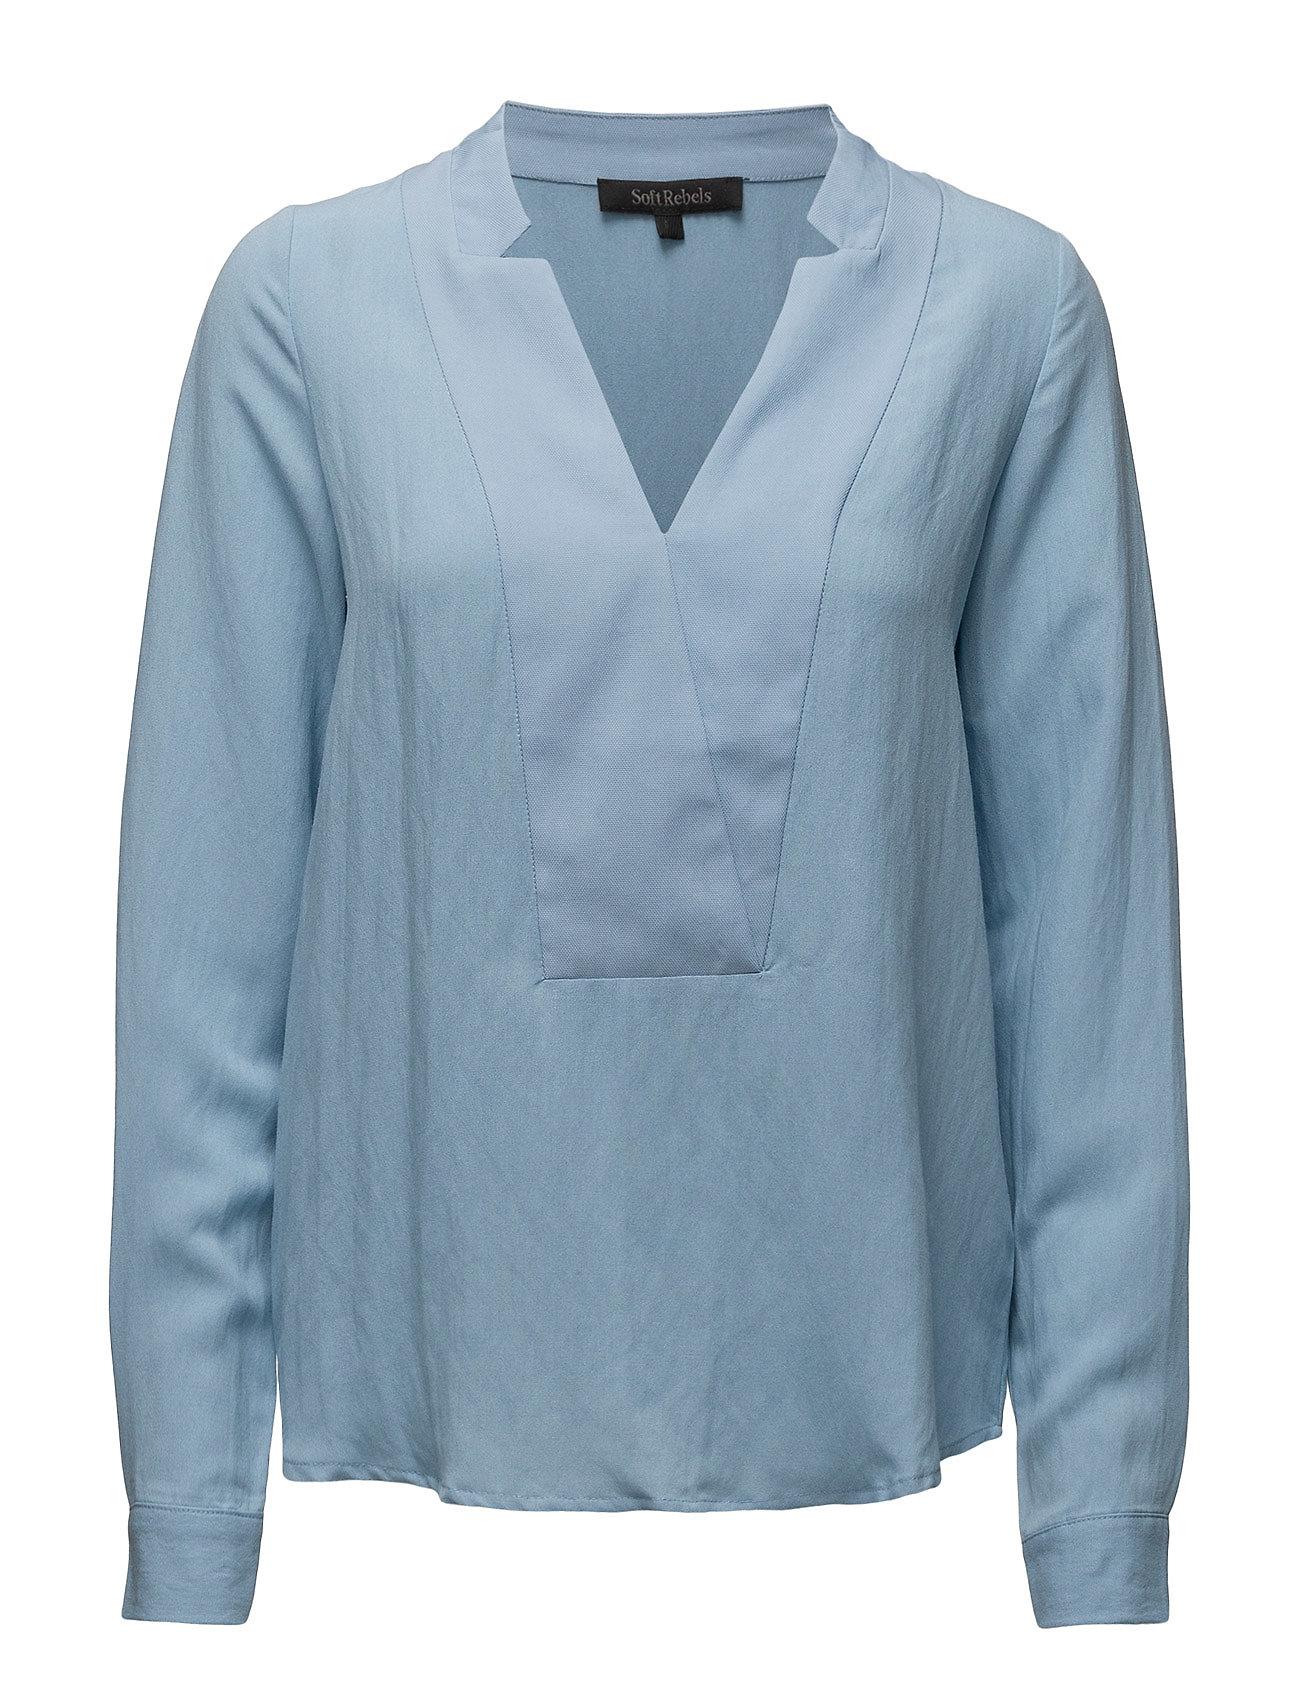 Lala Shirt Soft Rebels Bluser til Kvinder i